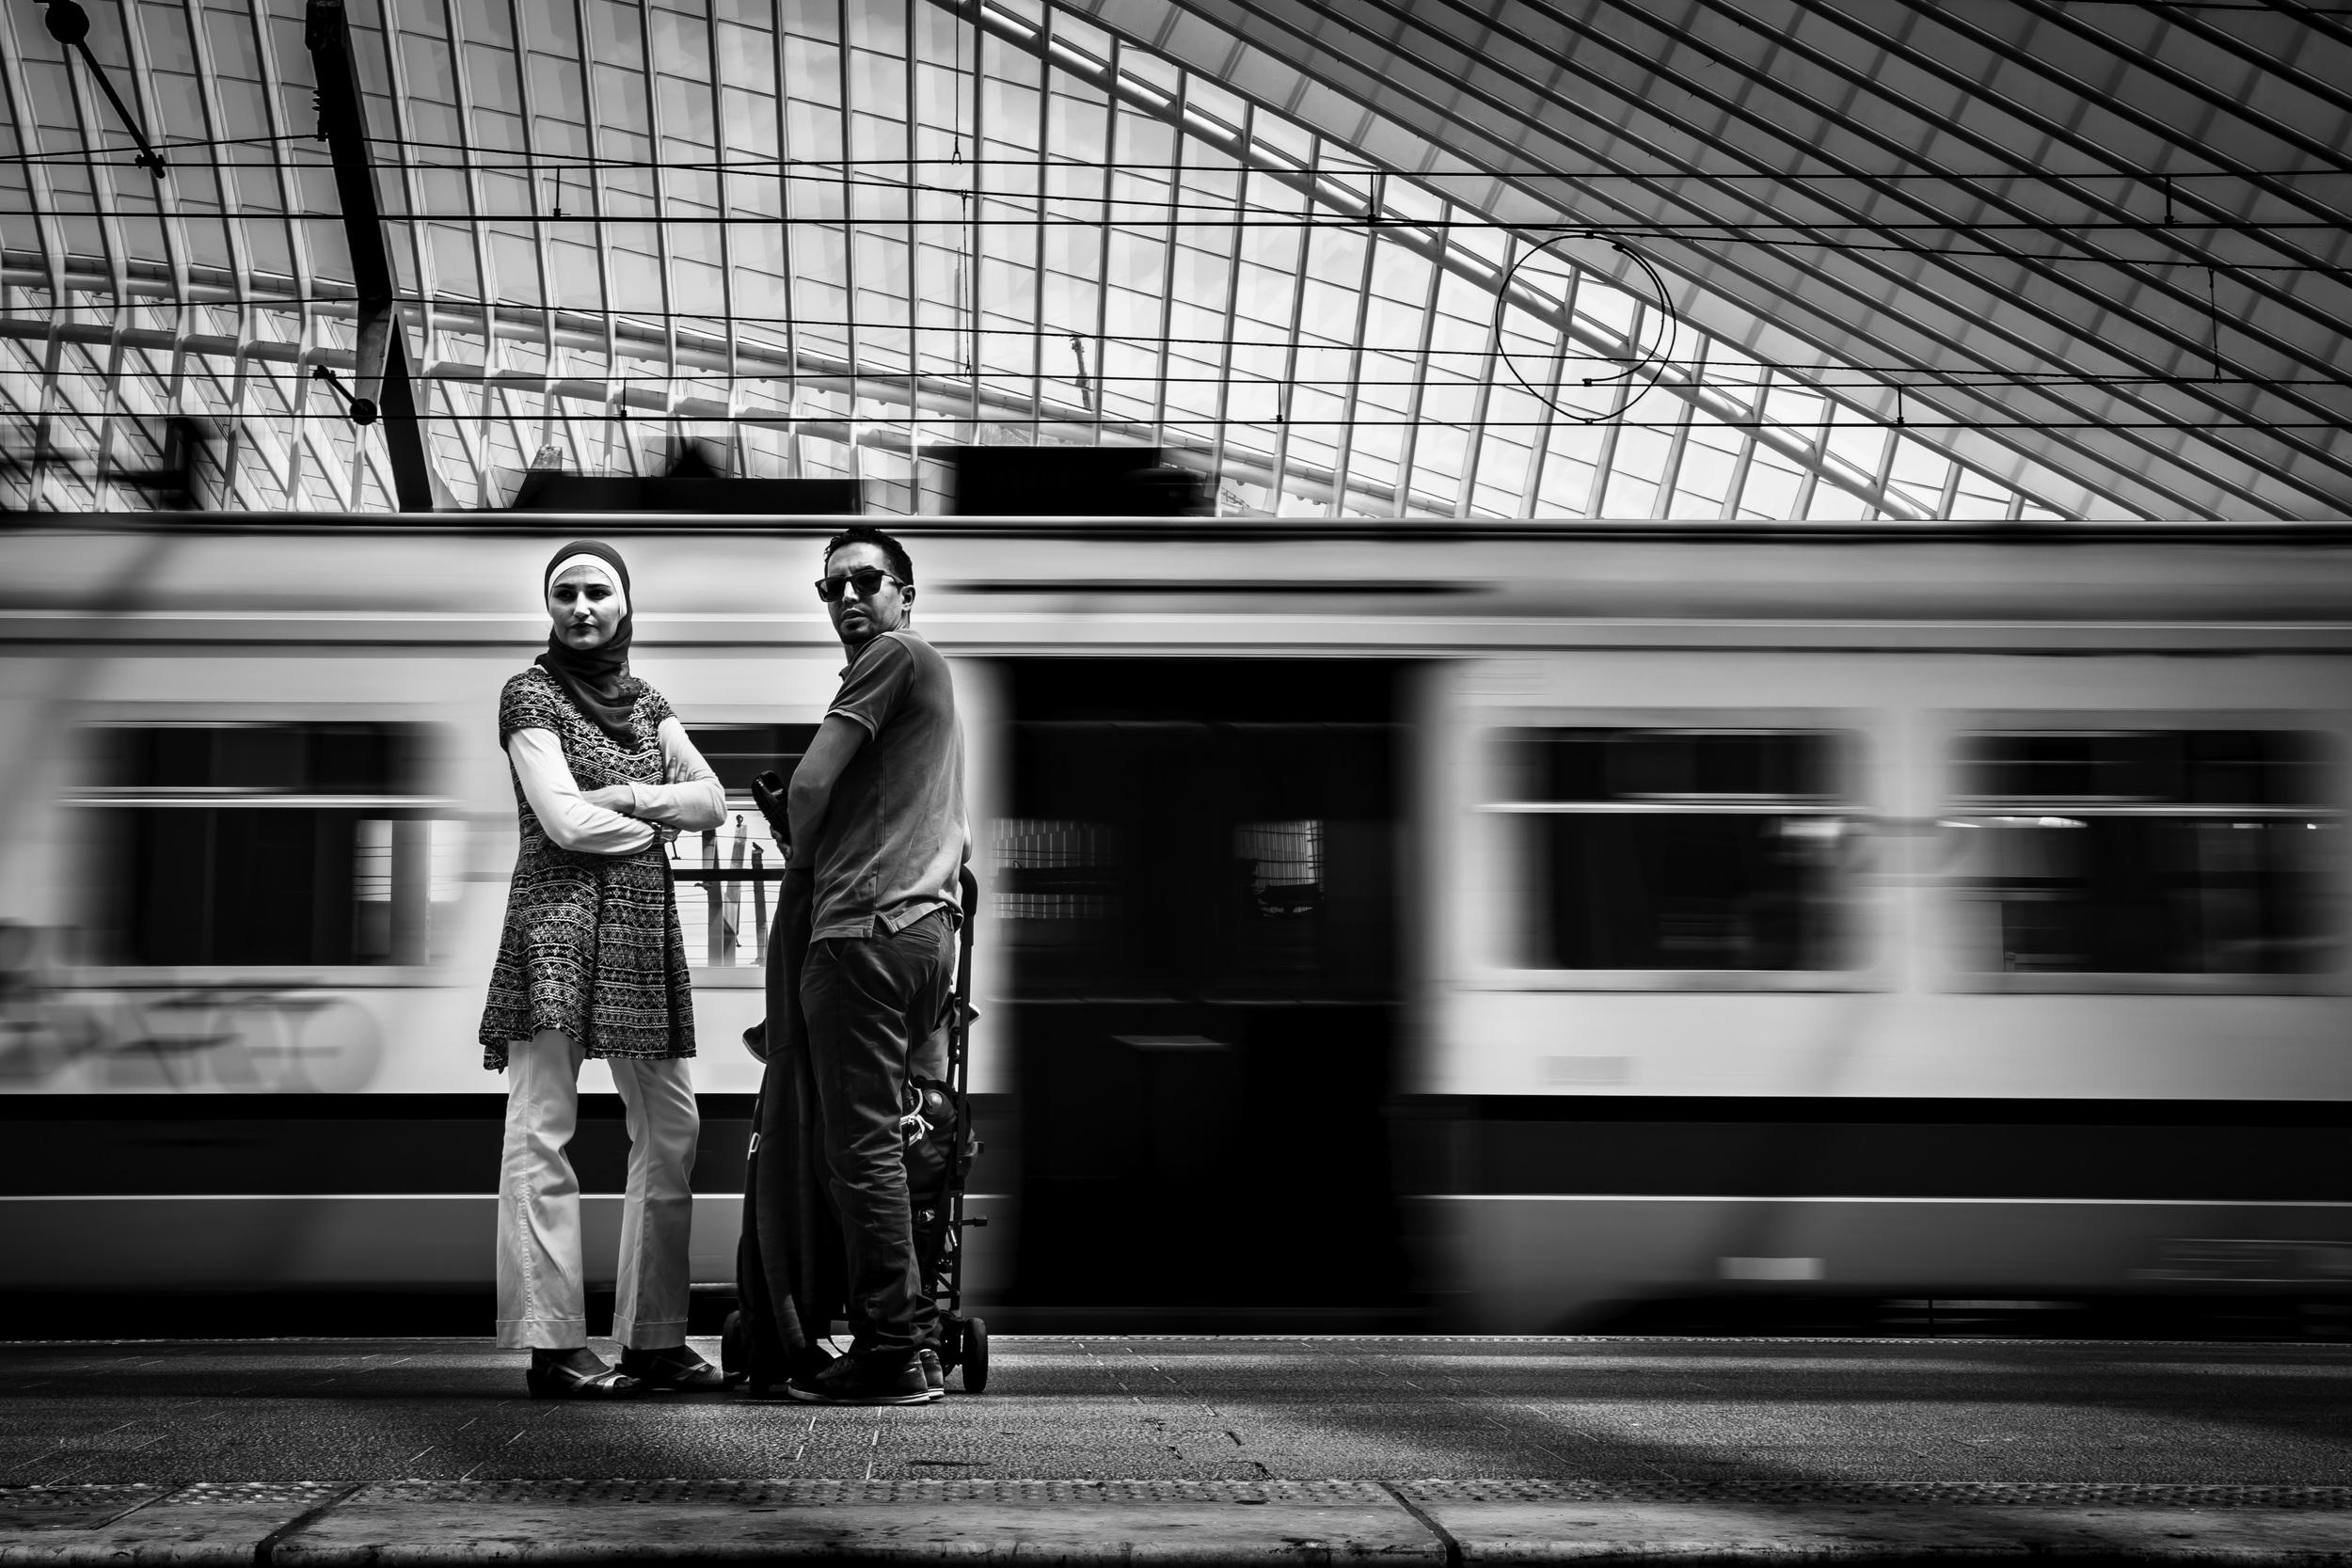 Viewfinder--straatfotografie-station-gare-guillemins-luik-mensen-trage-sluitertijd-brengt-dynamiek-eigenzinnige-fotografie